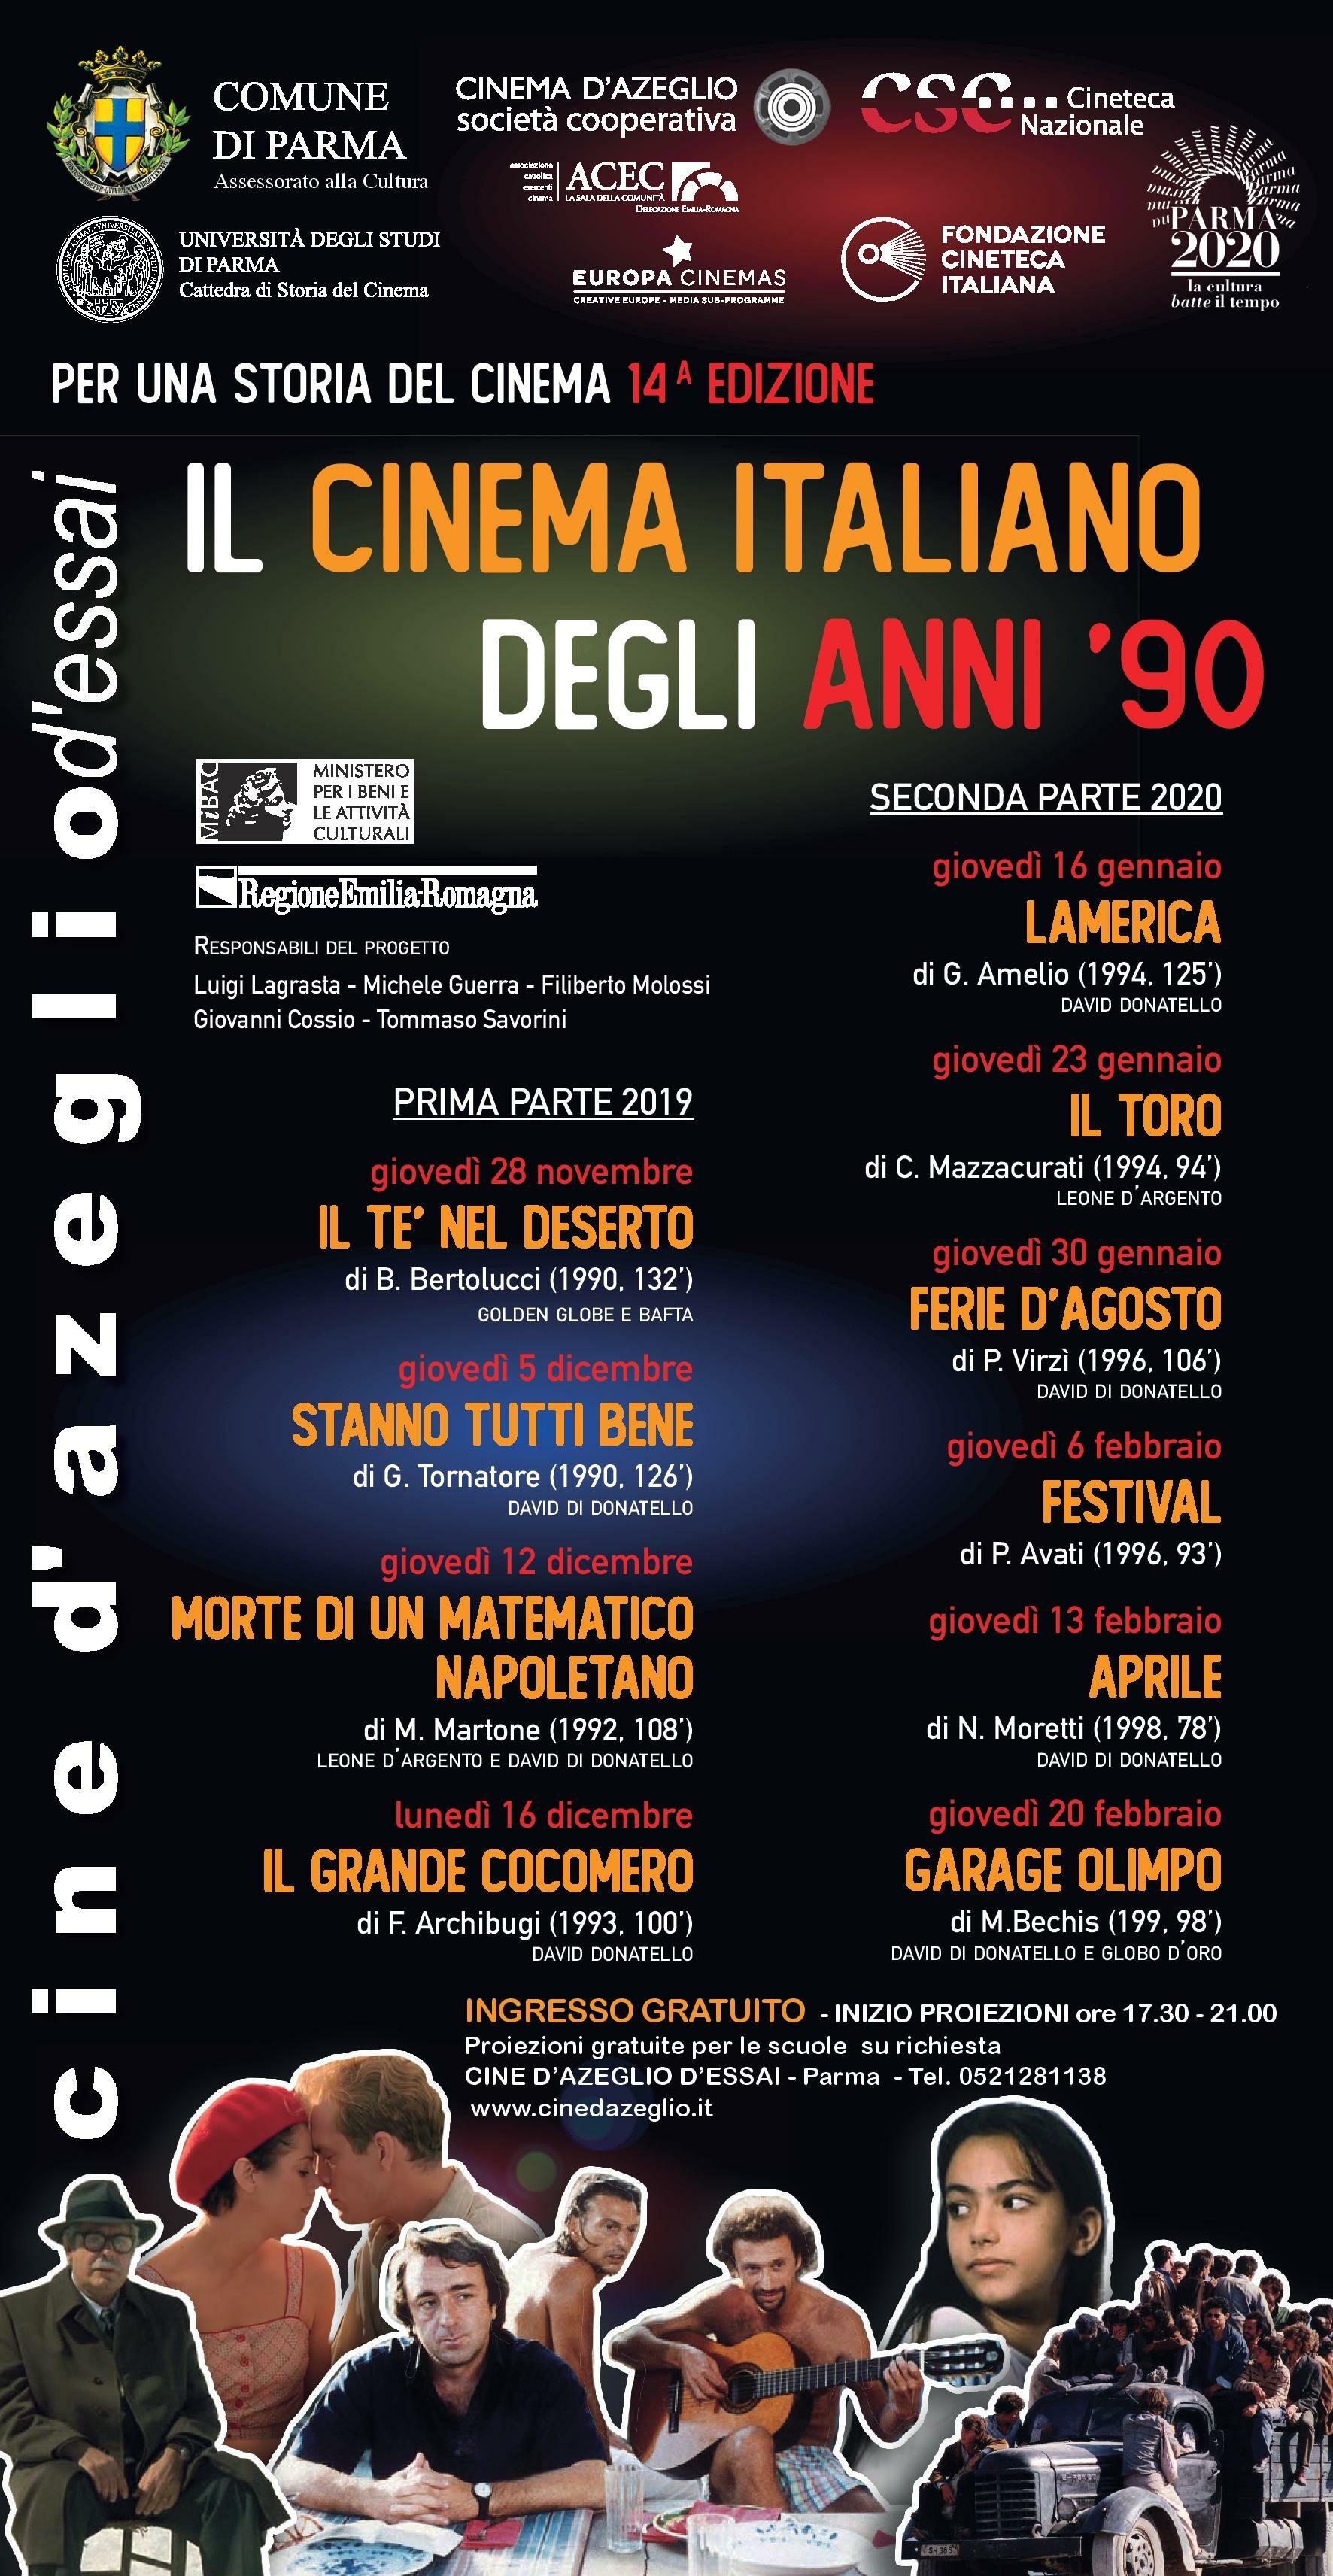 """""""Il cinema italiano degli anni '90"""" Al cinema D'Azeglio la XIV edizione del progetto """"Per una storia del cinema"""""""